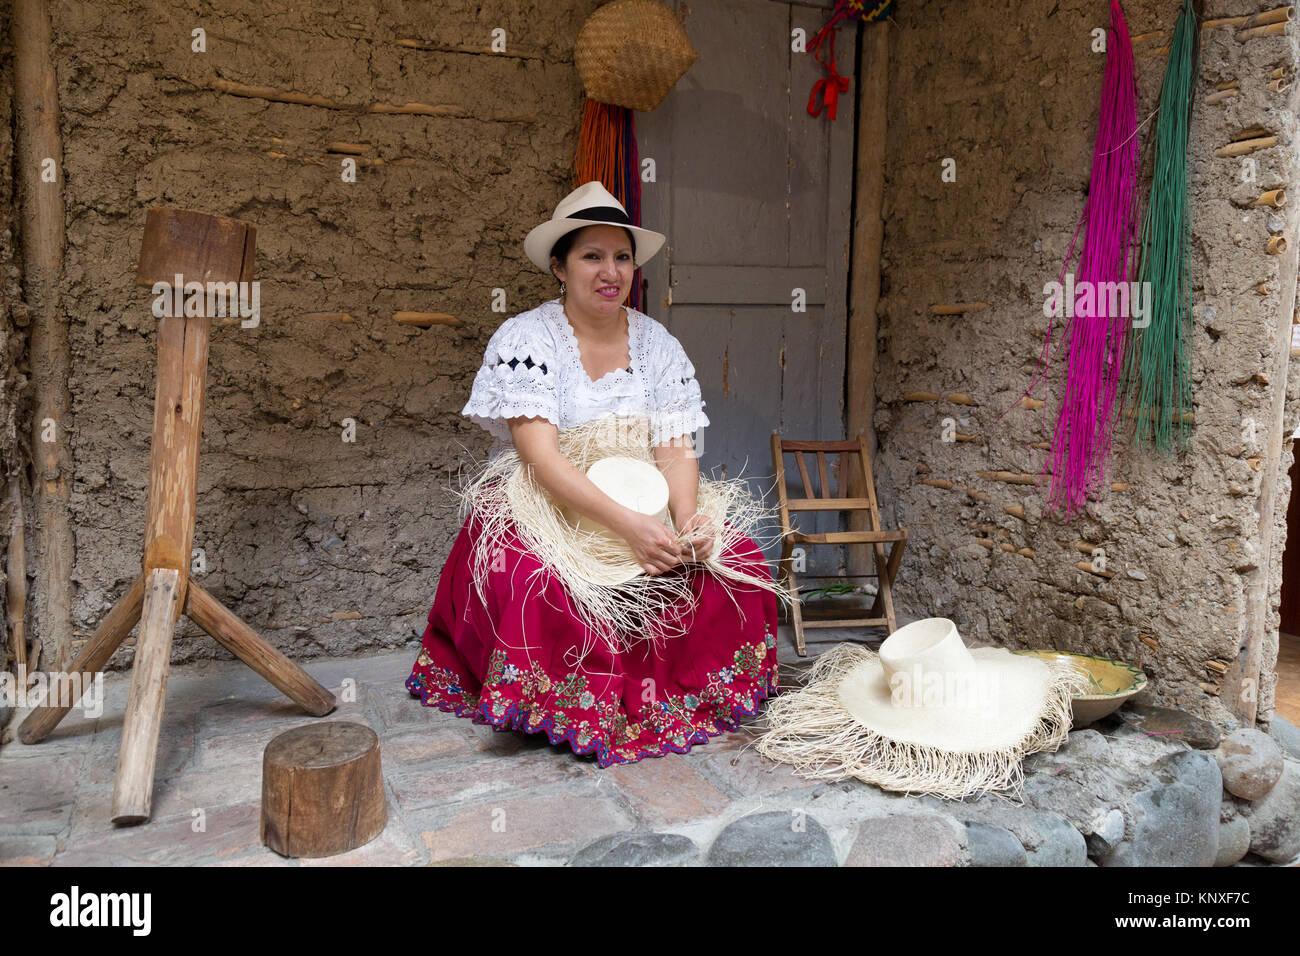 Panama Hats - Cuenca Ecuador - una mujer ecuatoriana demostrando el tejido  tradicional de un Sombrero 7b44c4dcae9